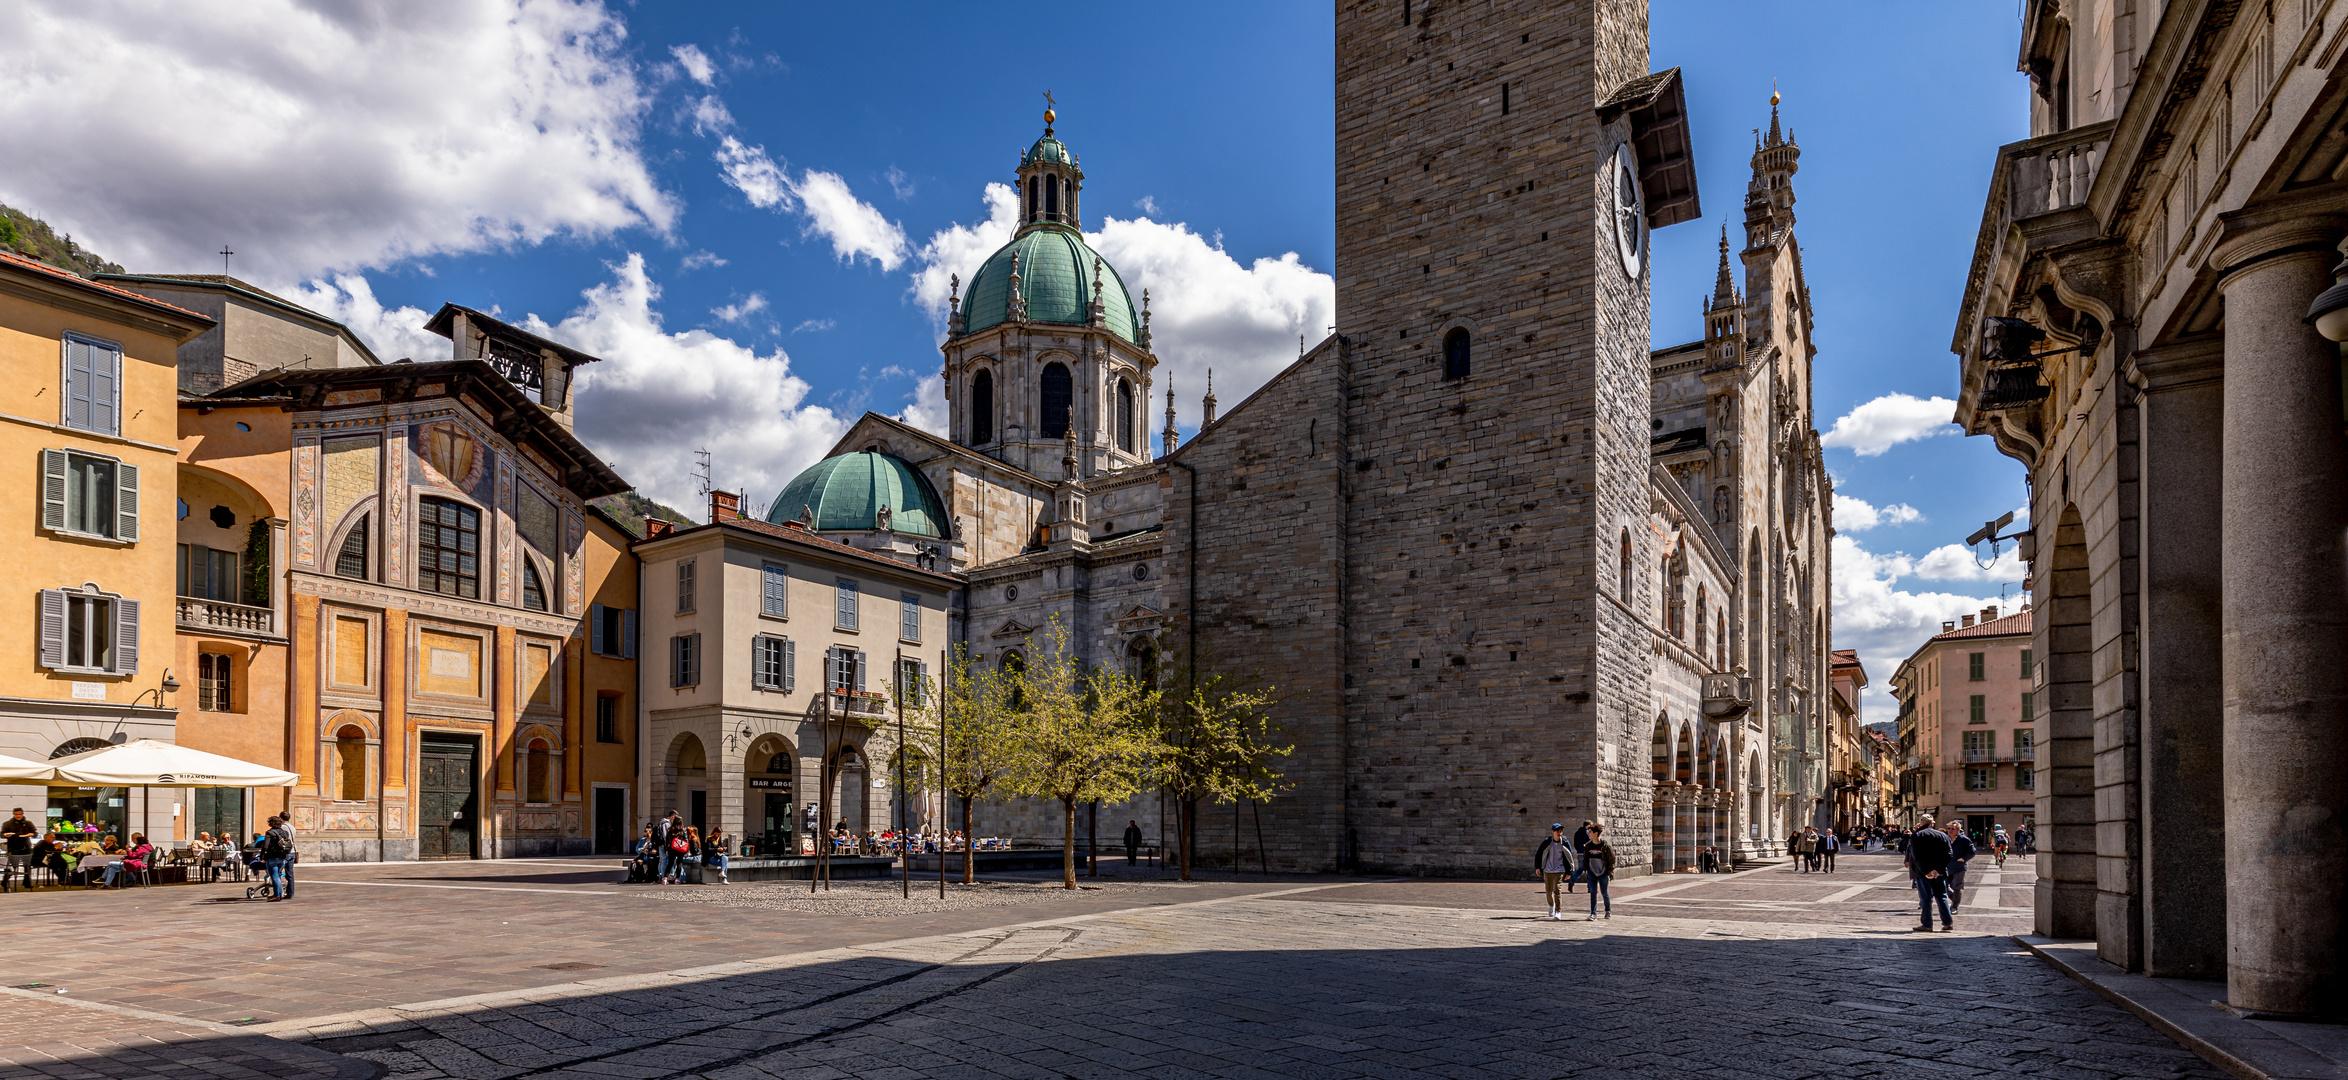 Der Domplatz in Como